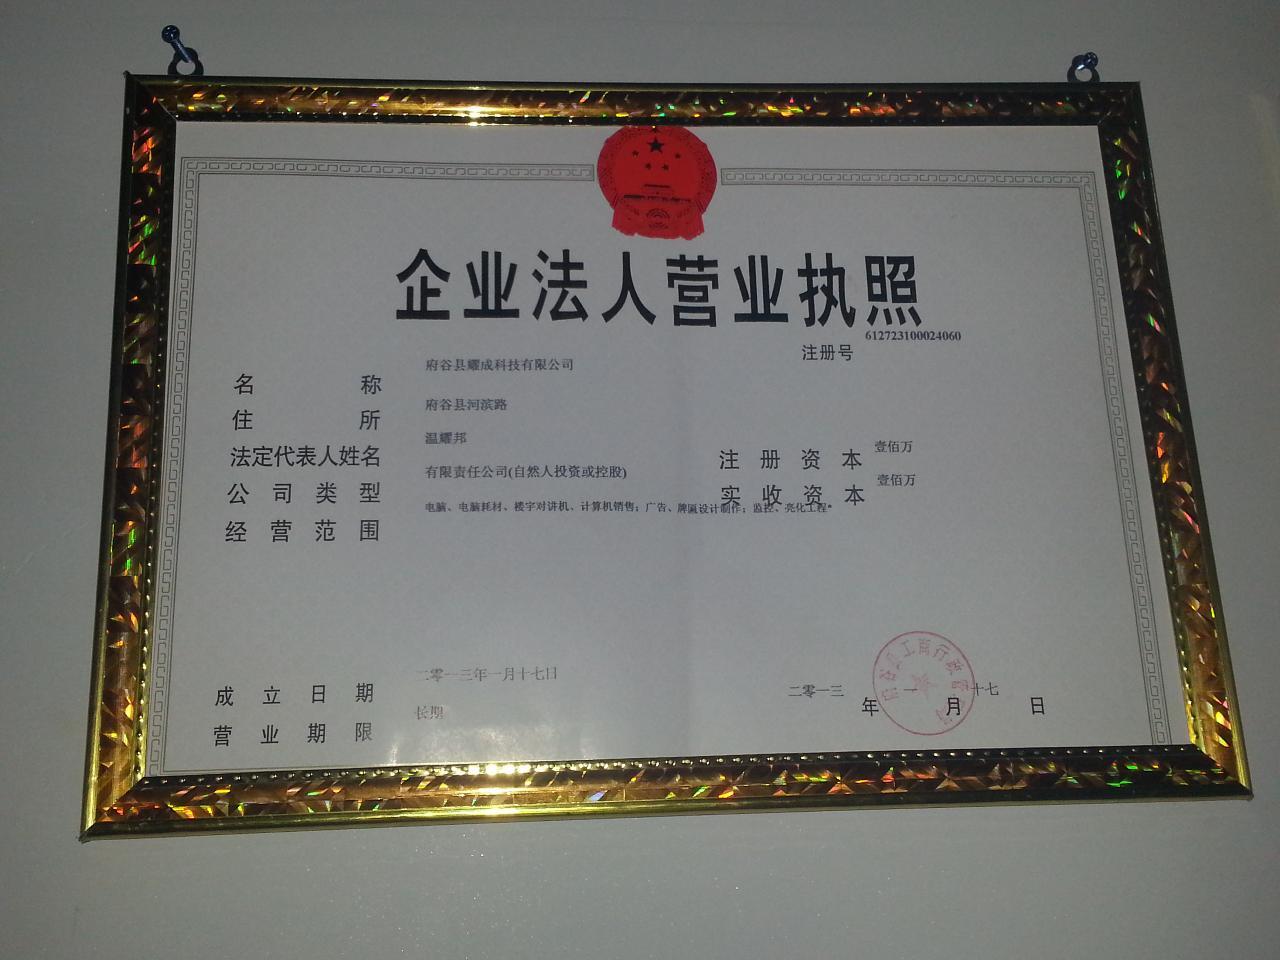 府谷县耀成科技有限公司招聘会计出纳 行政文秘